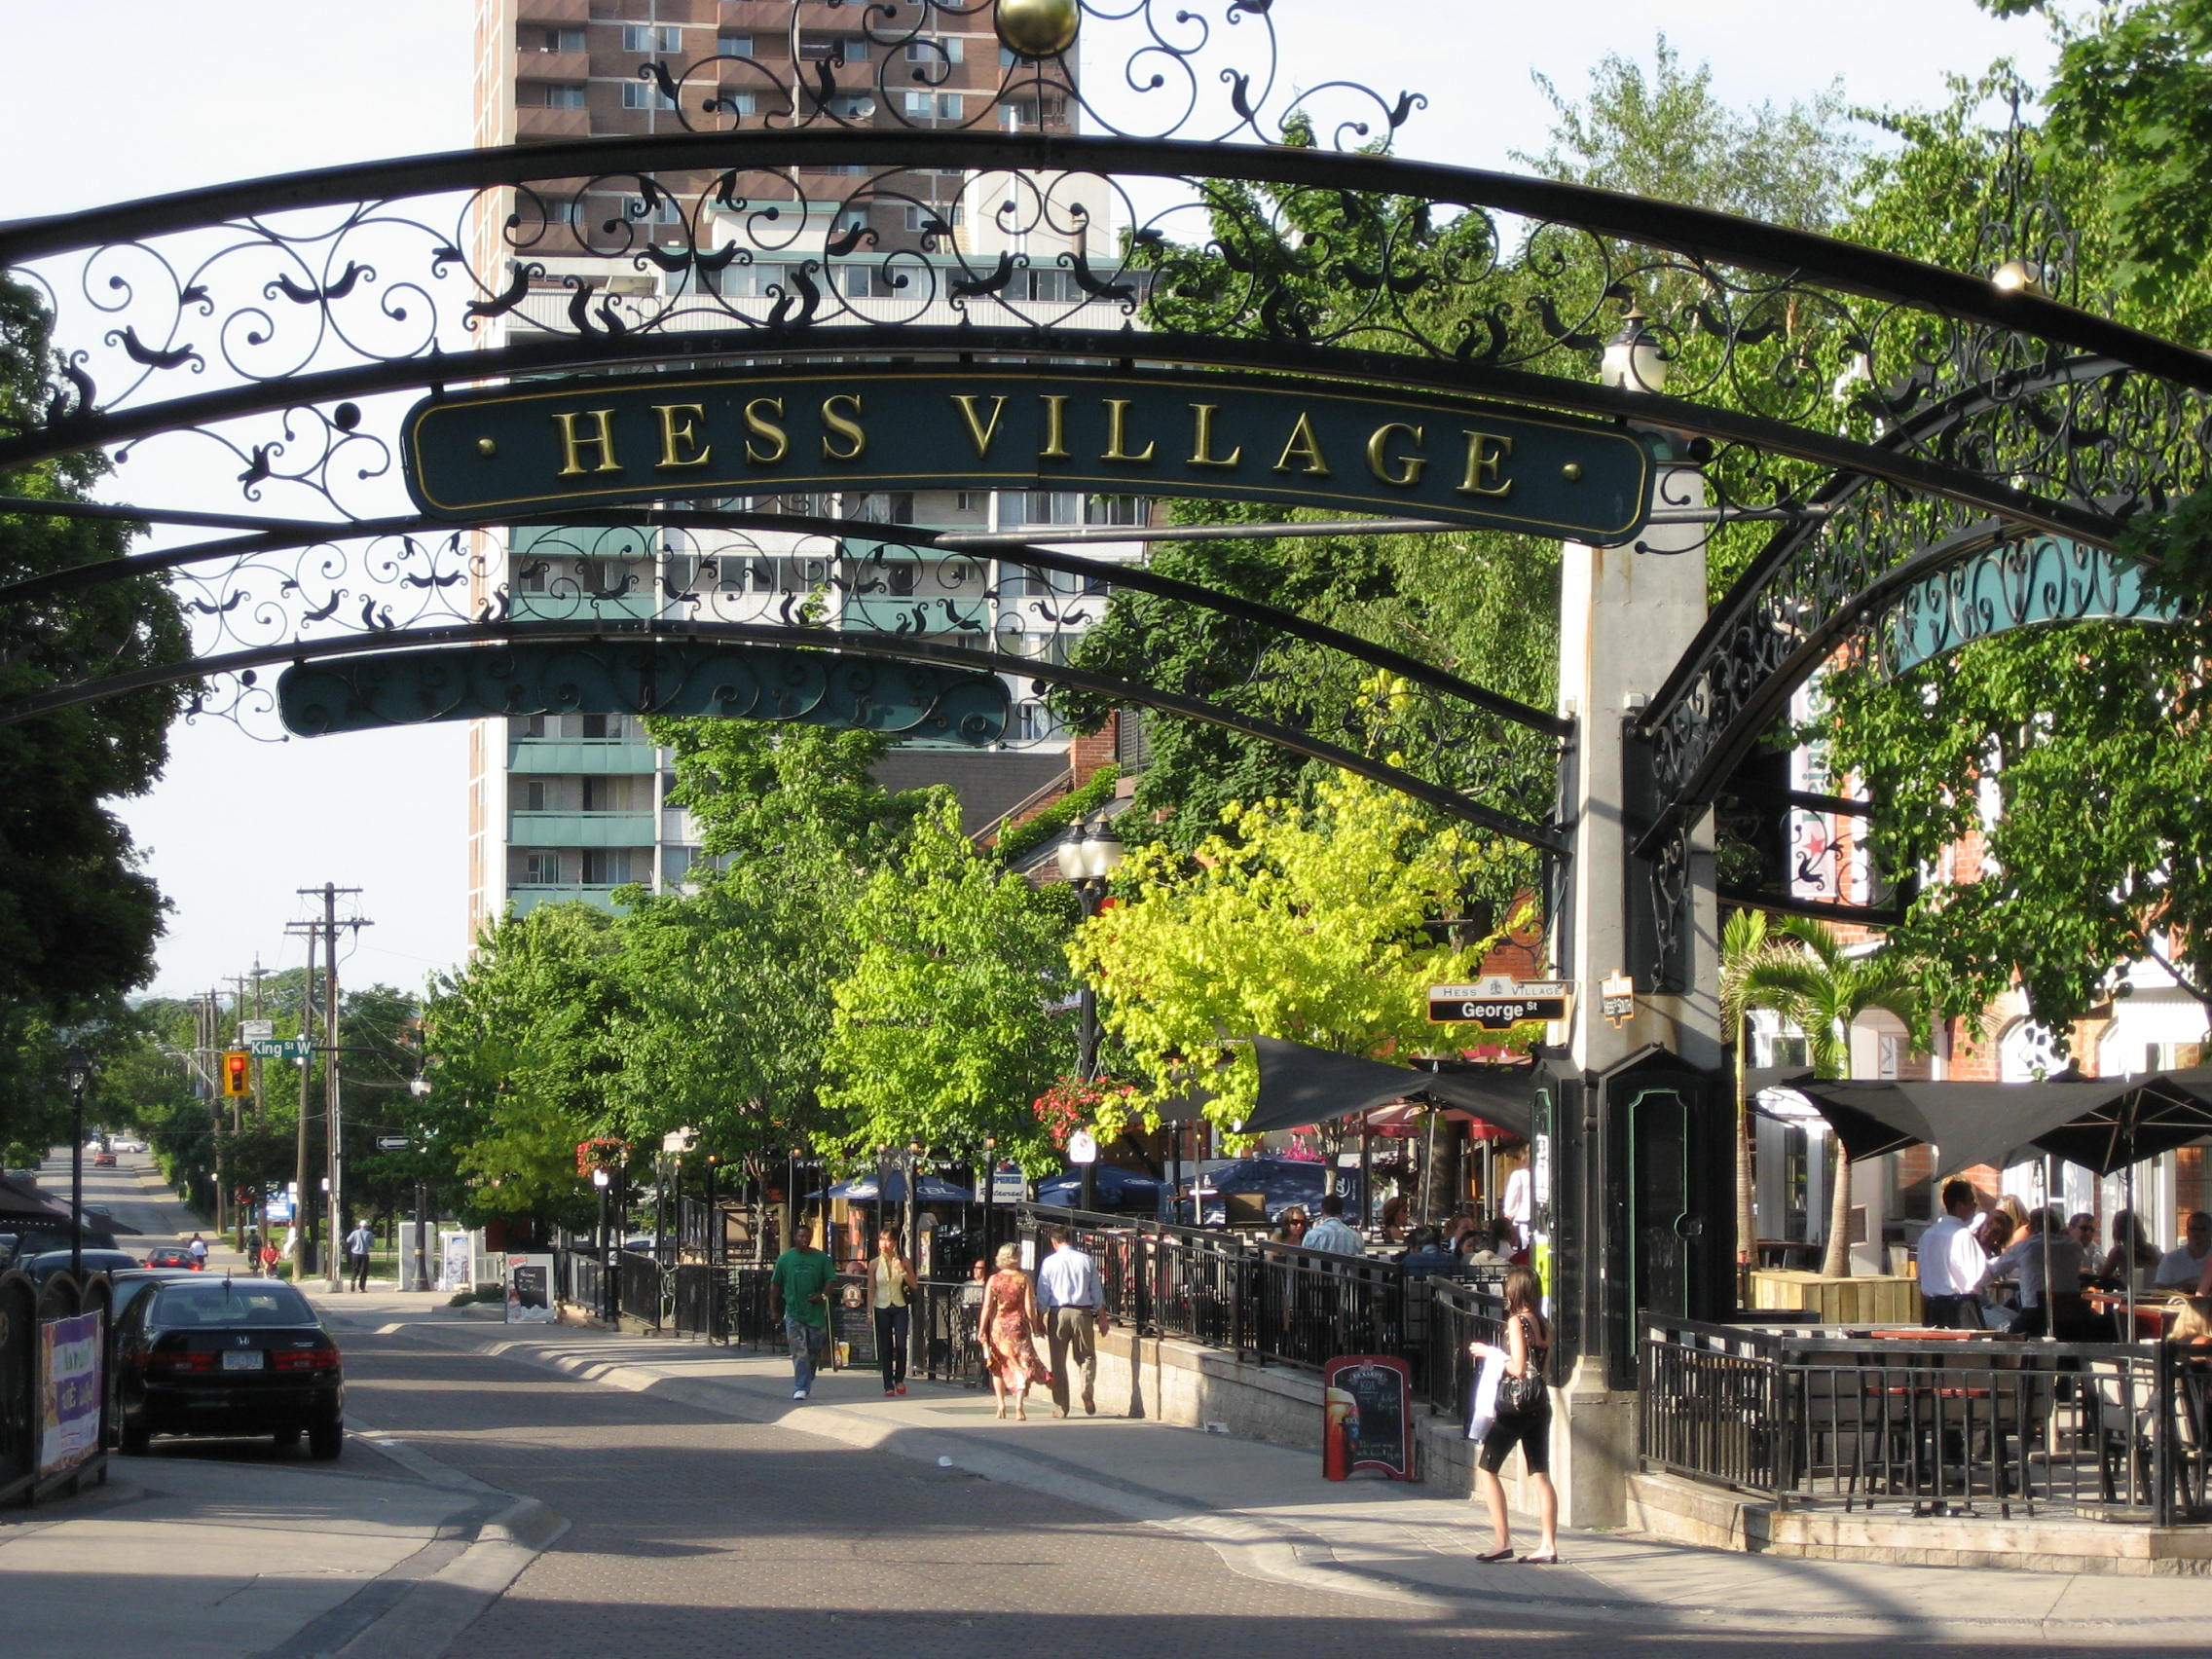 HessVillageHamilton, Things to do in Hamilton, Canada